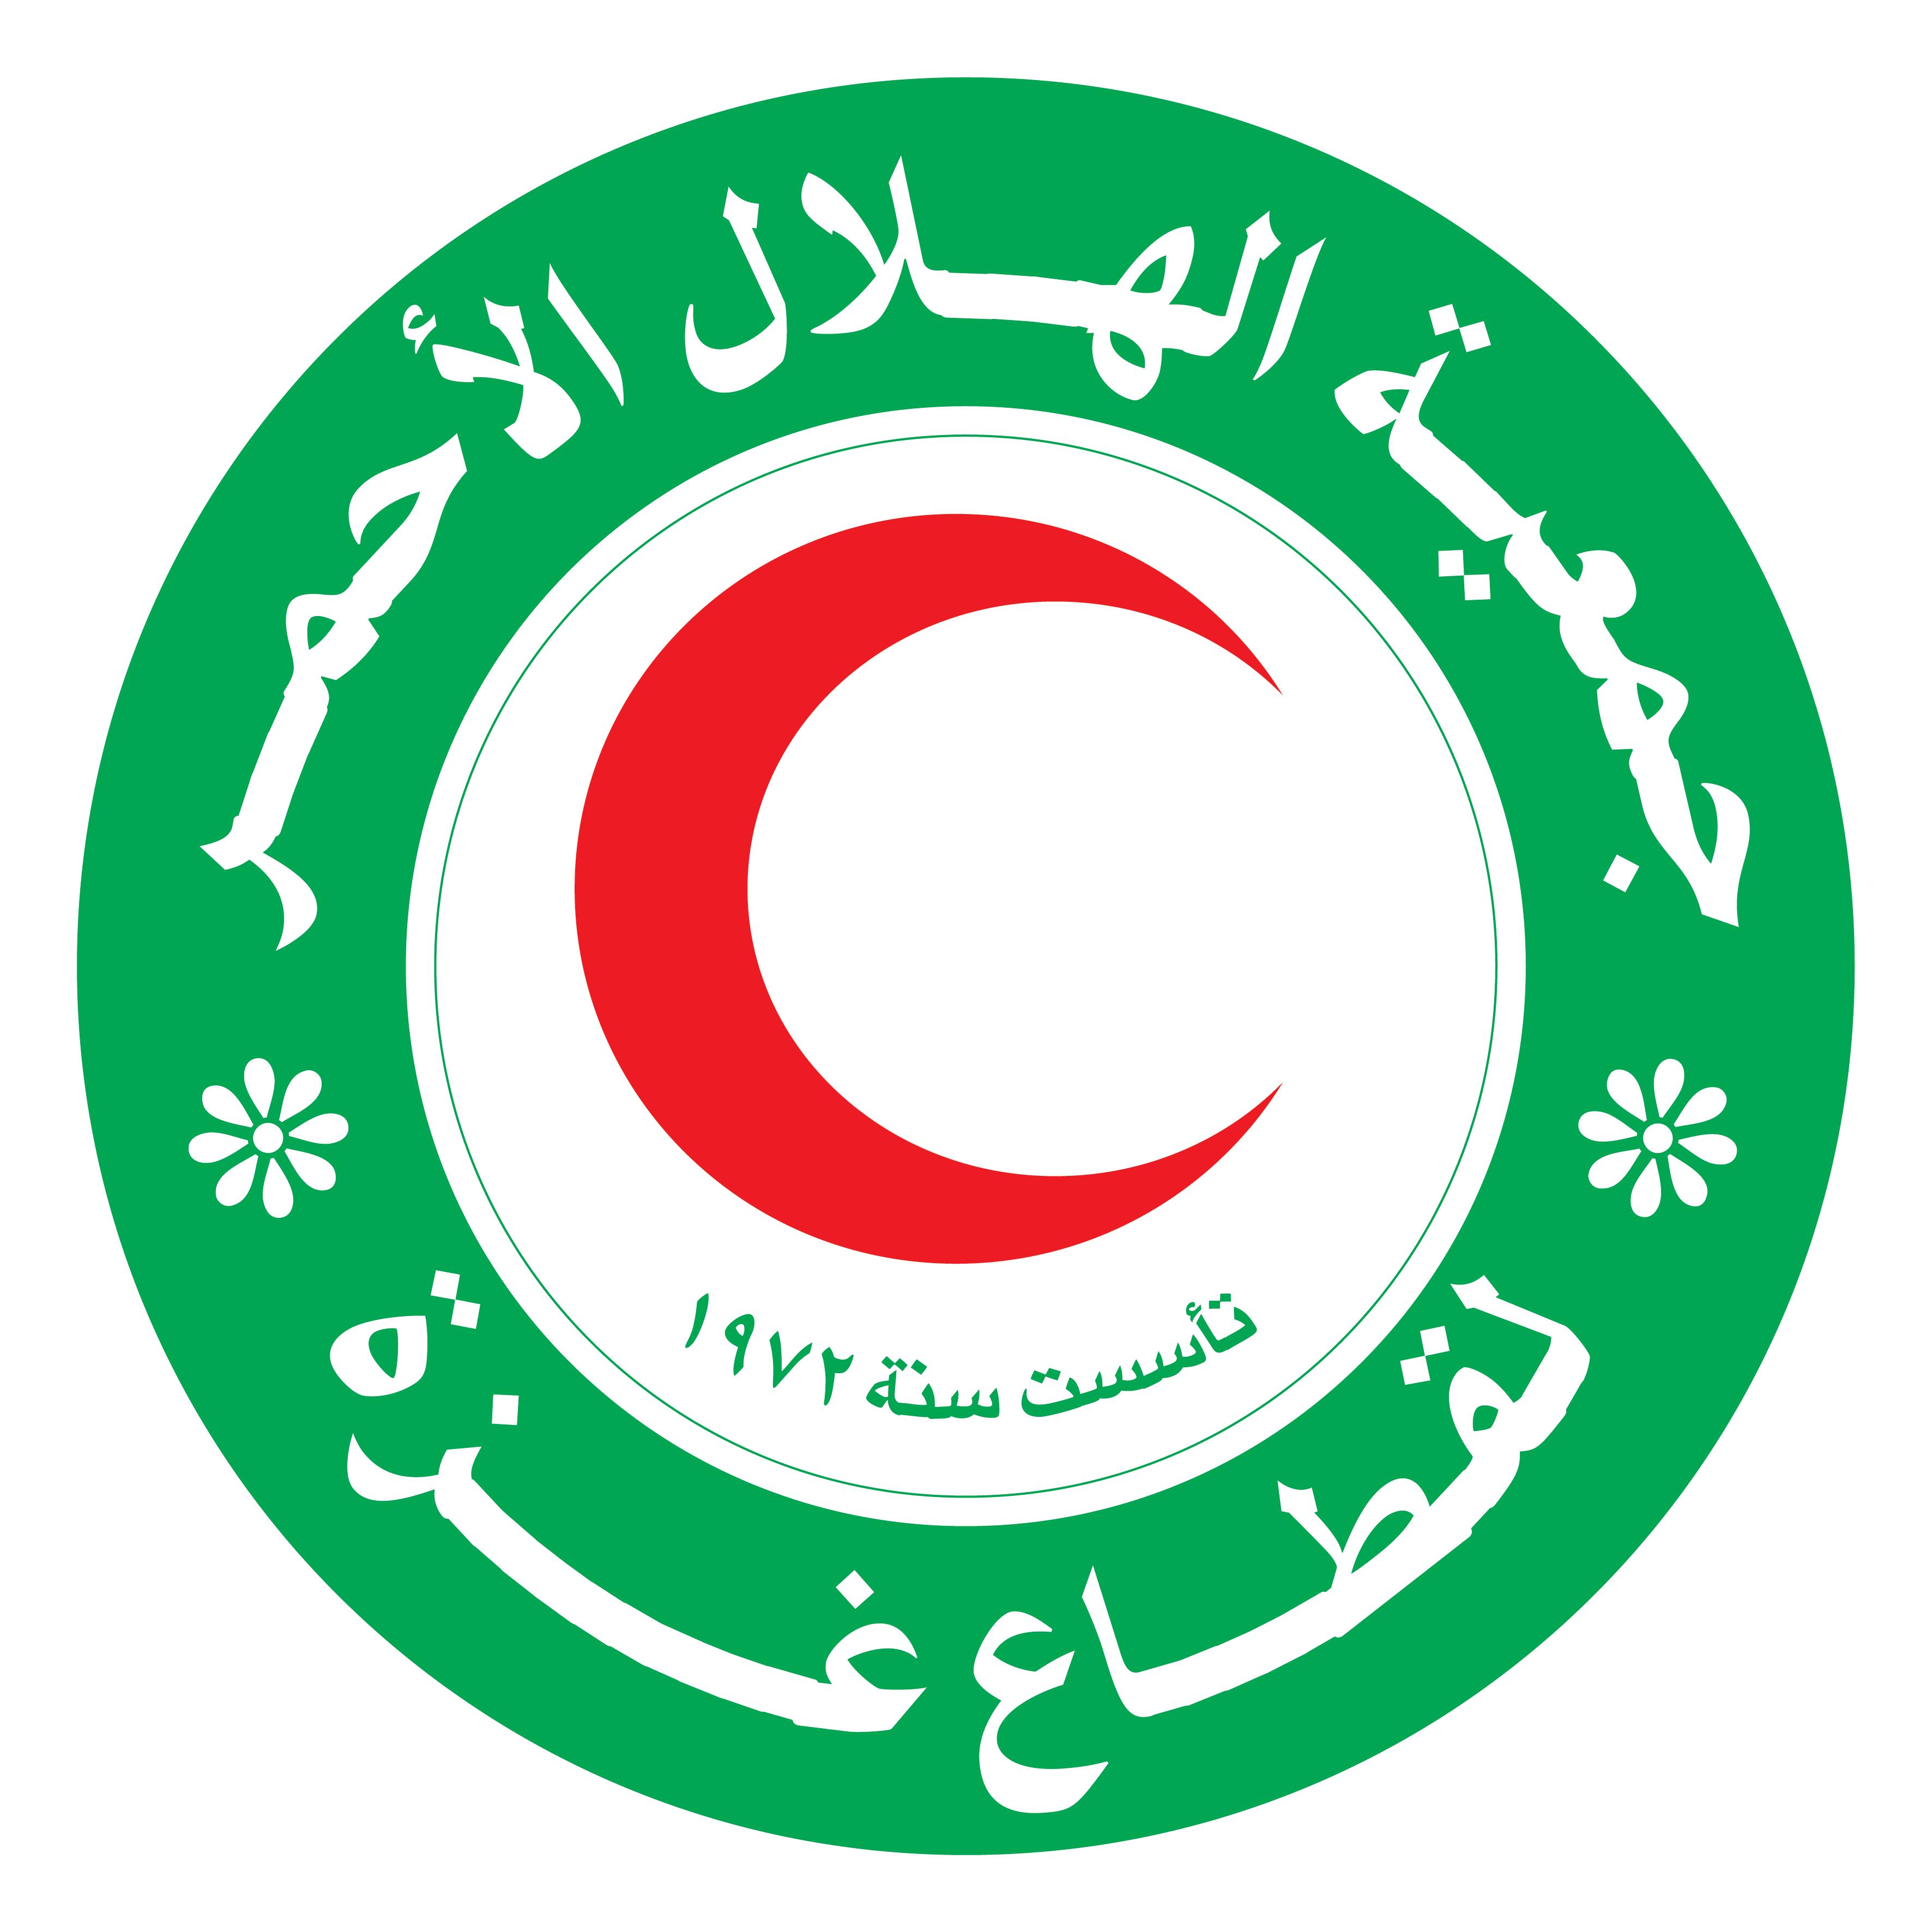 جمعية الهلال الأحمر لقطاع غزة الصفحة الرئيسية